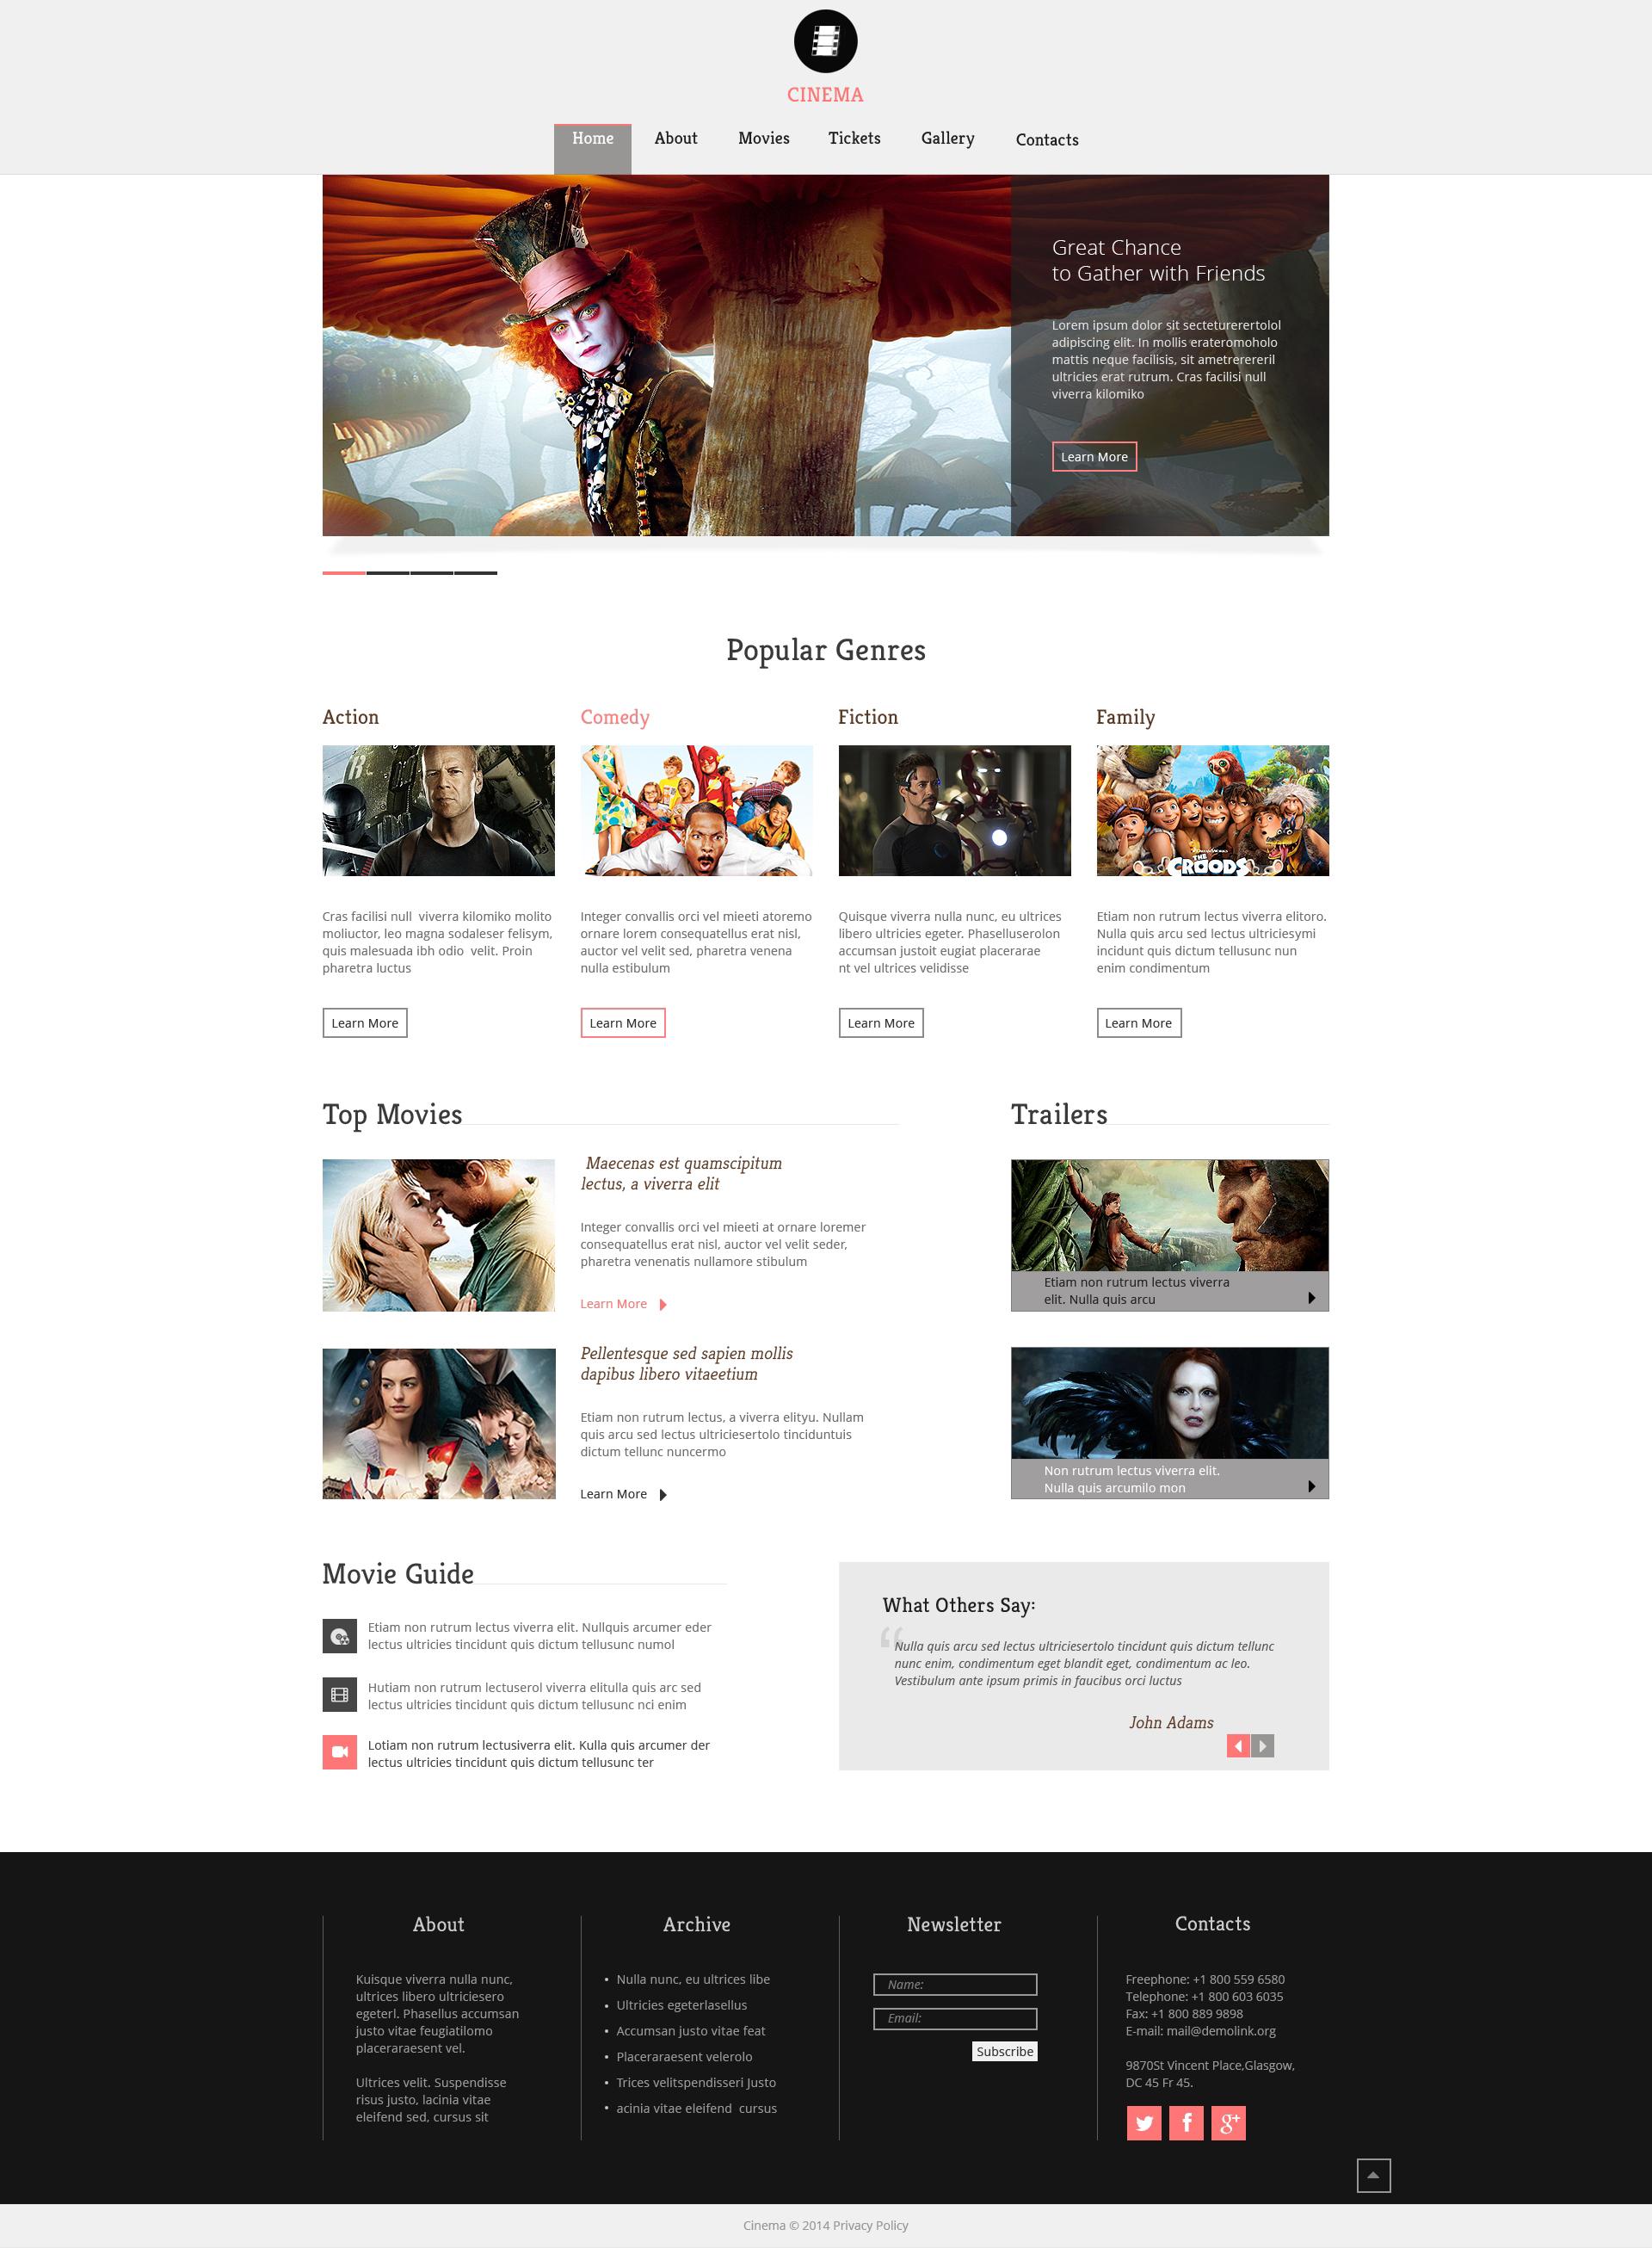 Modèle Web adaptatif pour site de films #49276 - screenshot